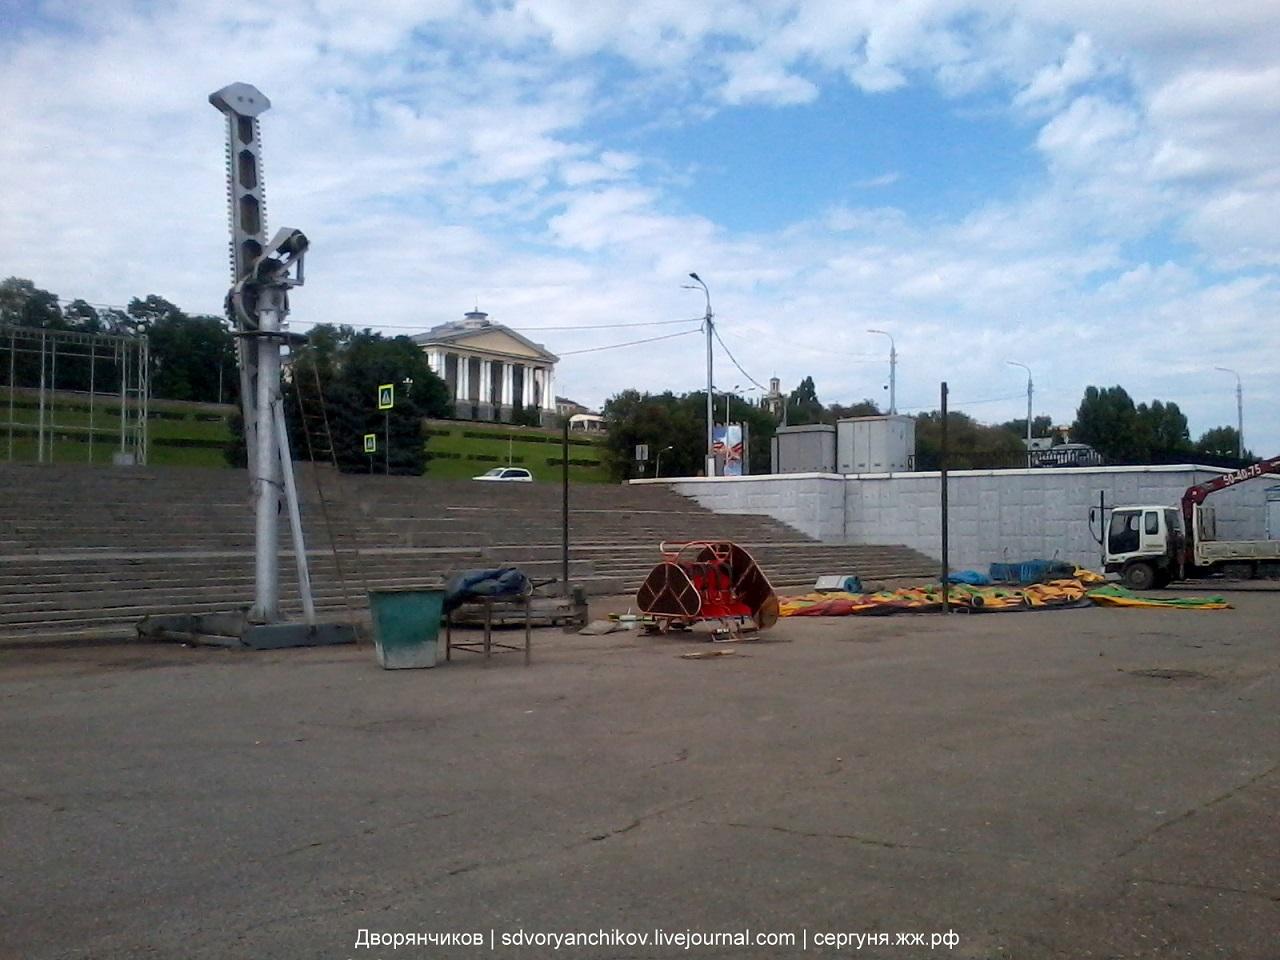 Волгоград - аттракционы - набережная